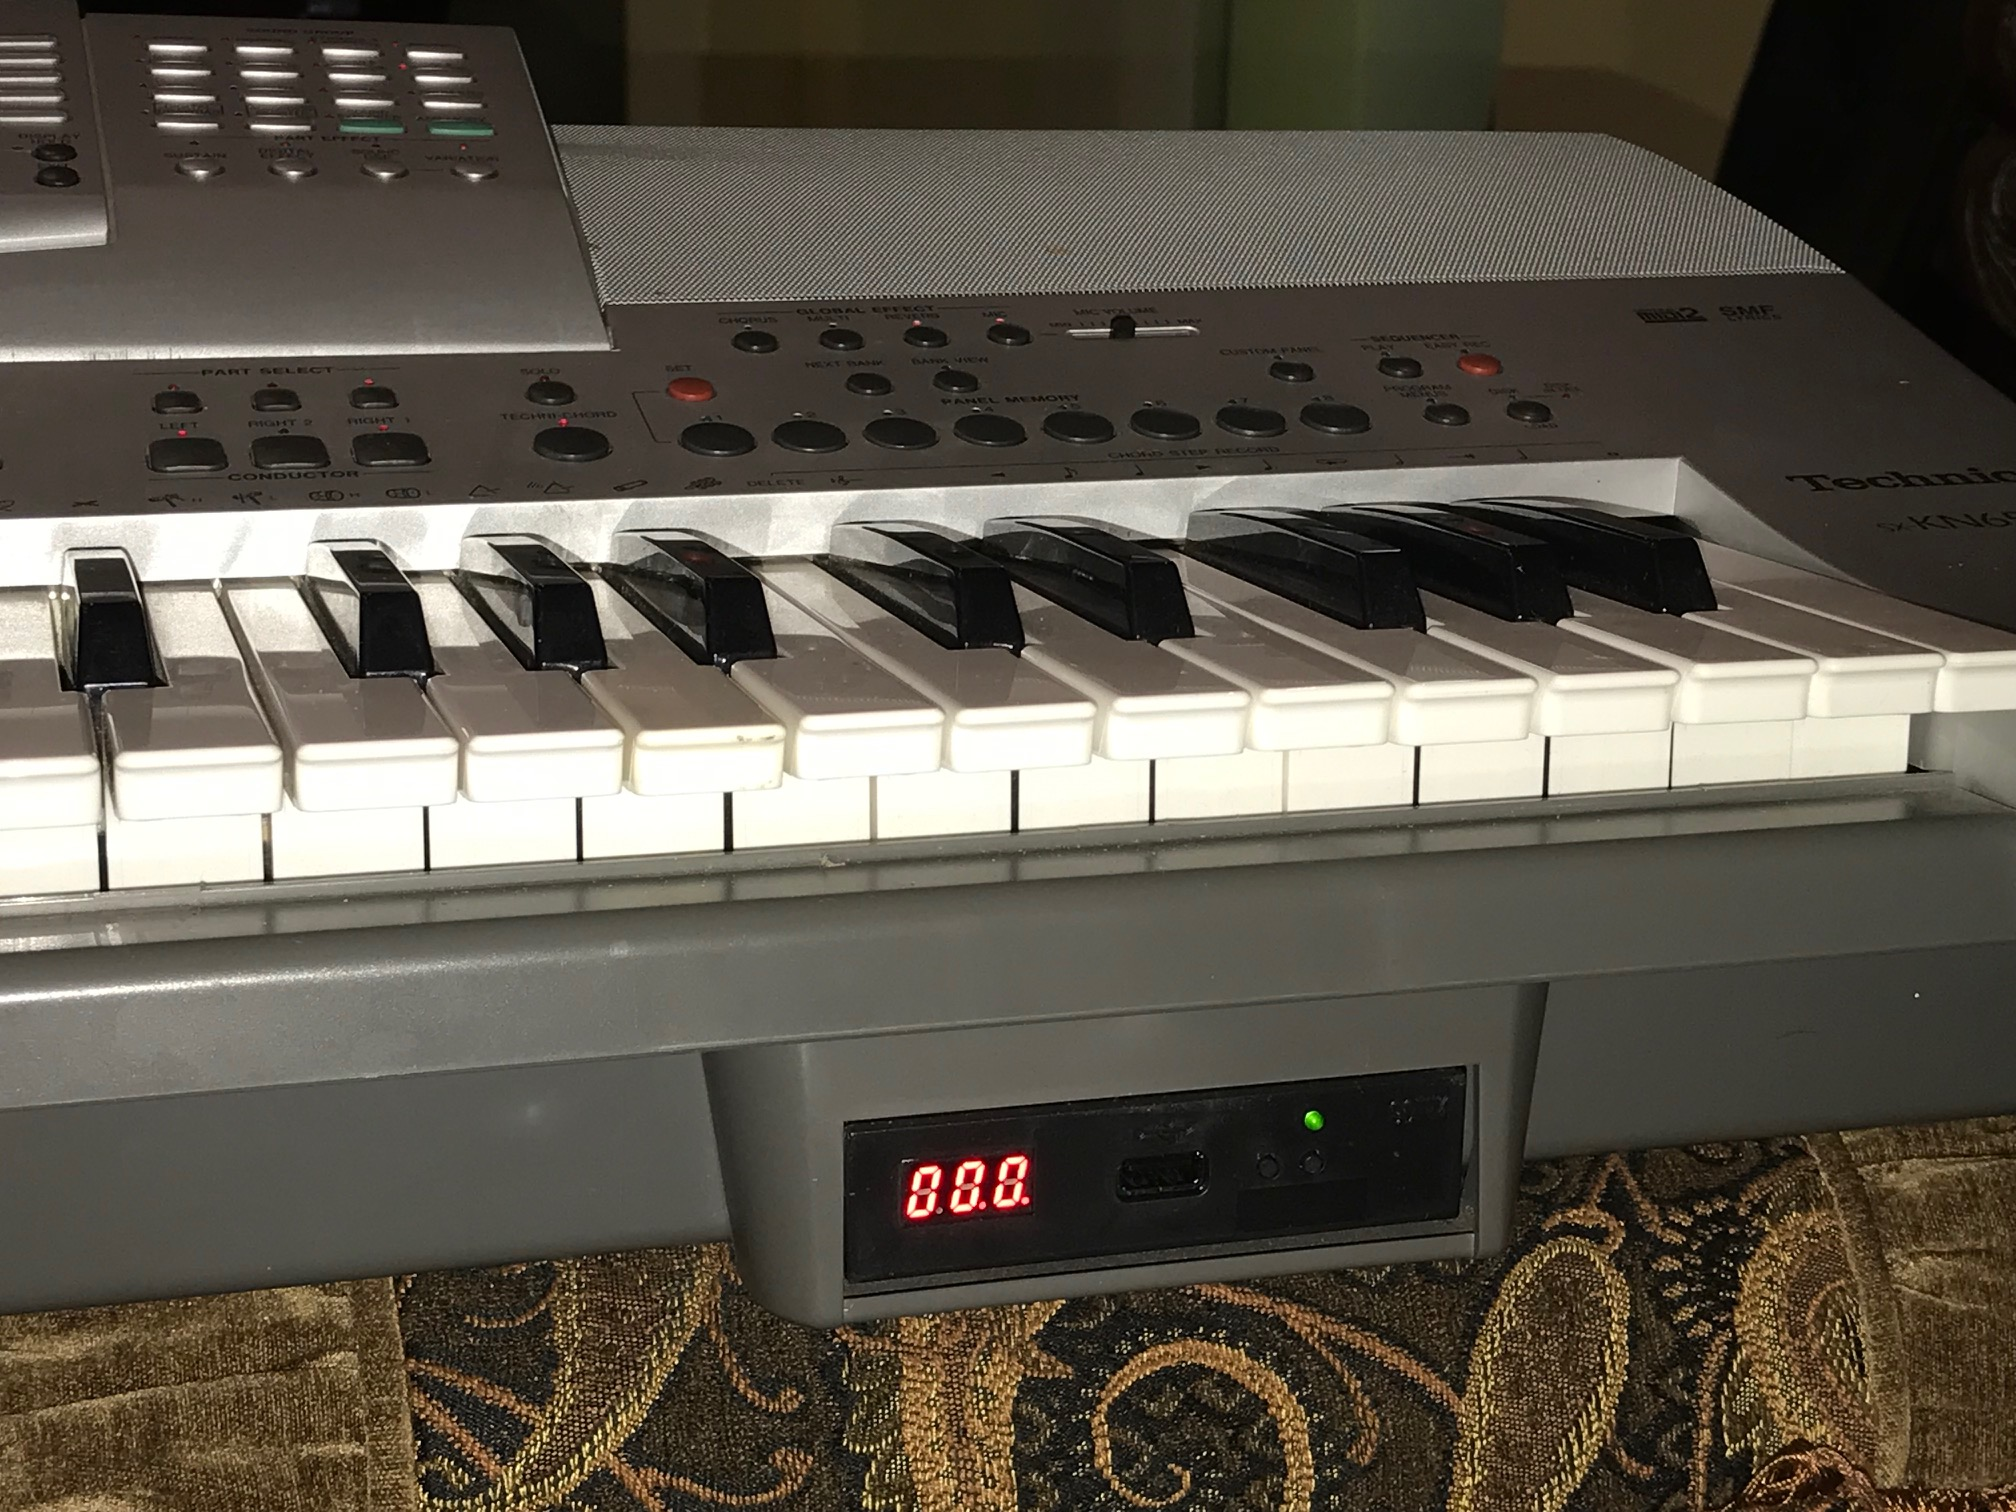 à USB Mise Kit pour Technics SX KN-5000 Synthétiseur Music Clavier Disquette Dr